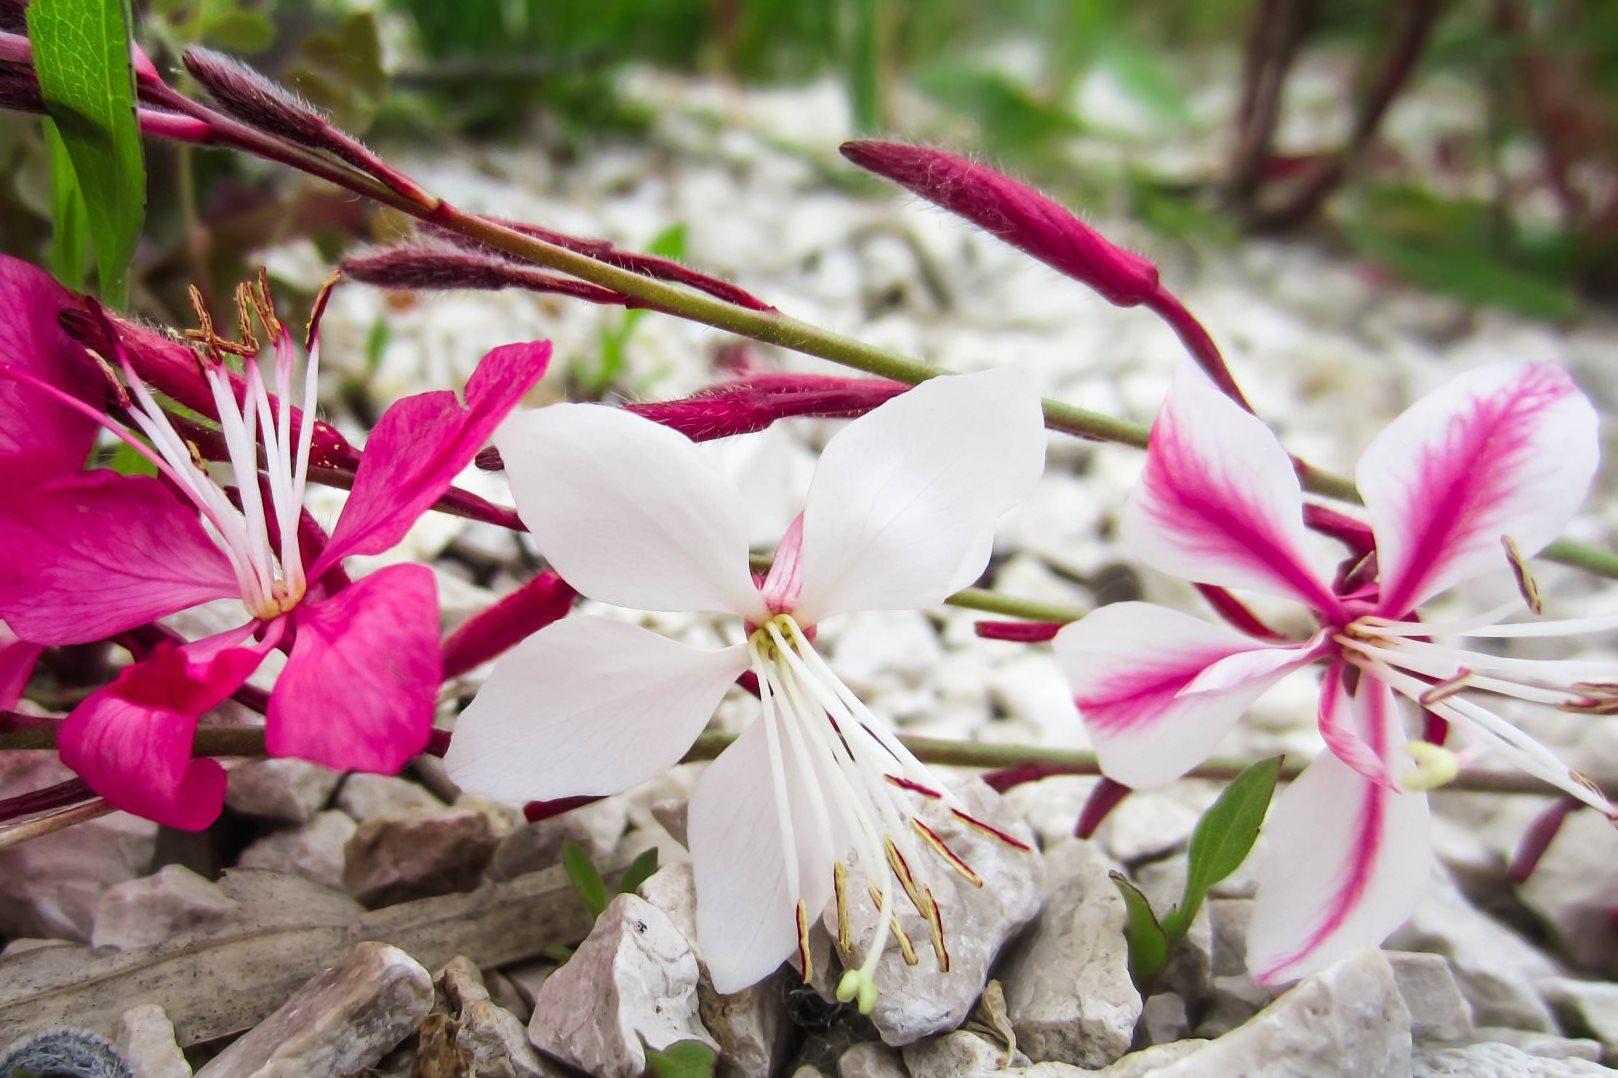 джутовая нить баухиния орхидейное дерево фото могут считаться первым